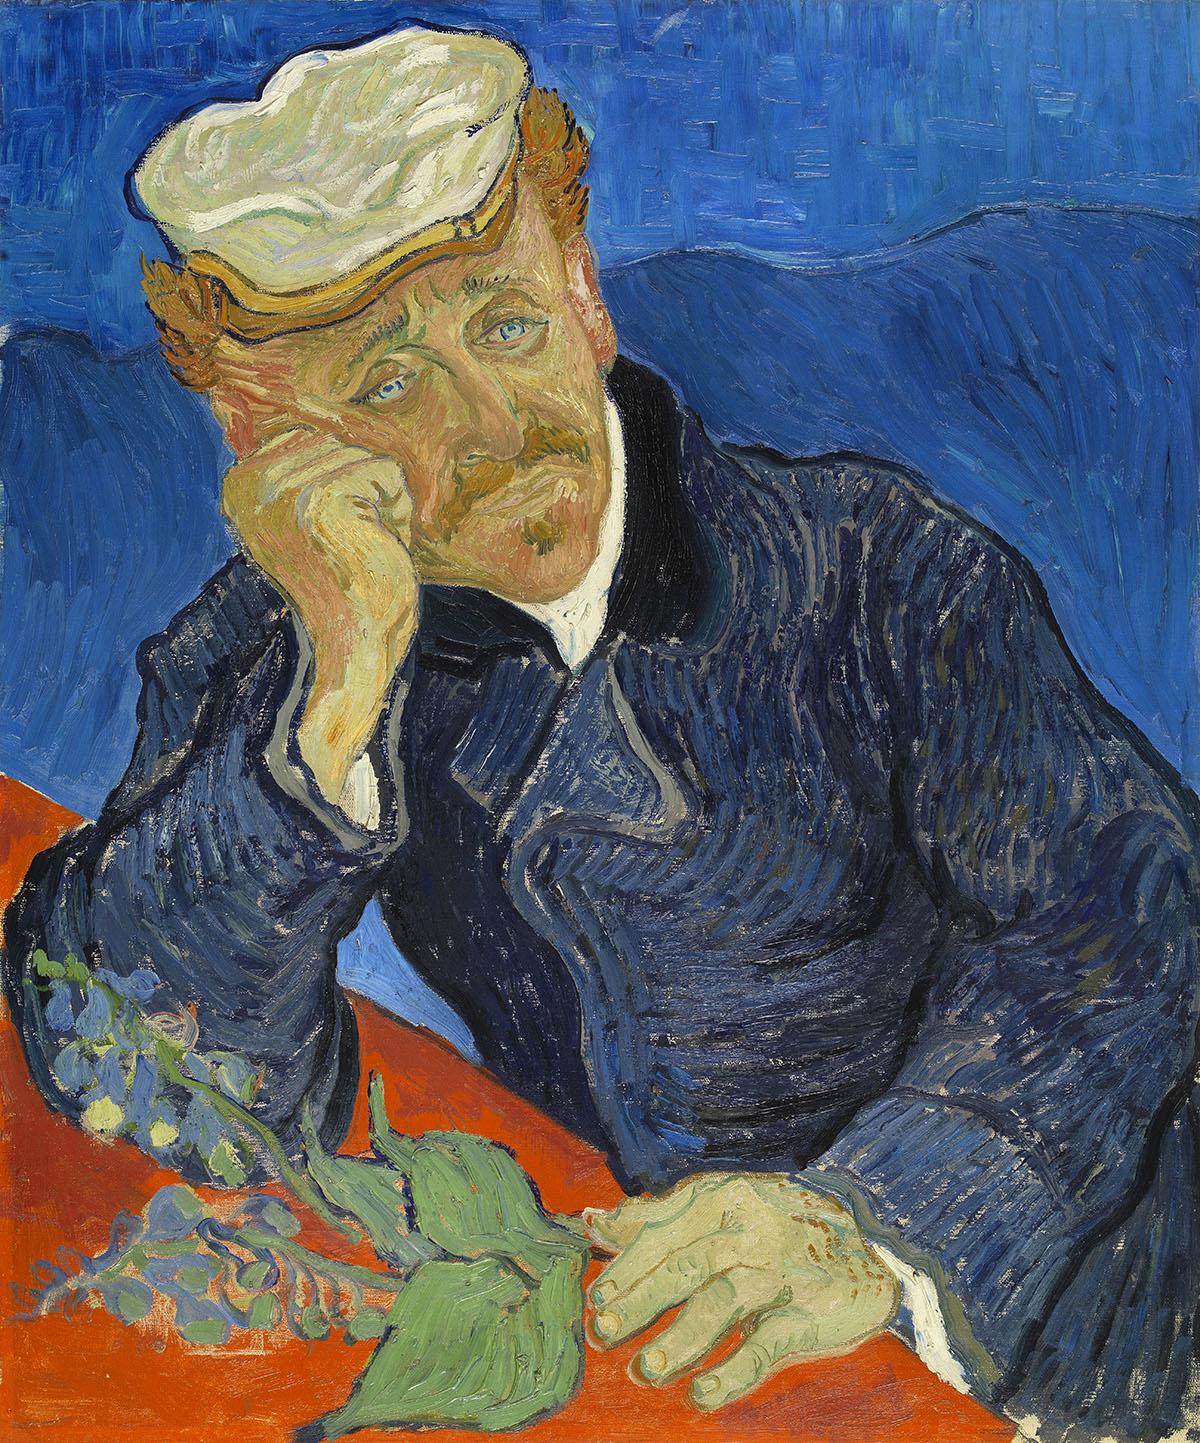 Vincent Van Gogh Docteur Doctor Paul Gachet Auvers-sur-Oise travel blog